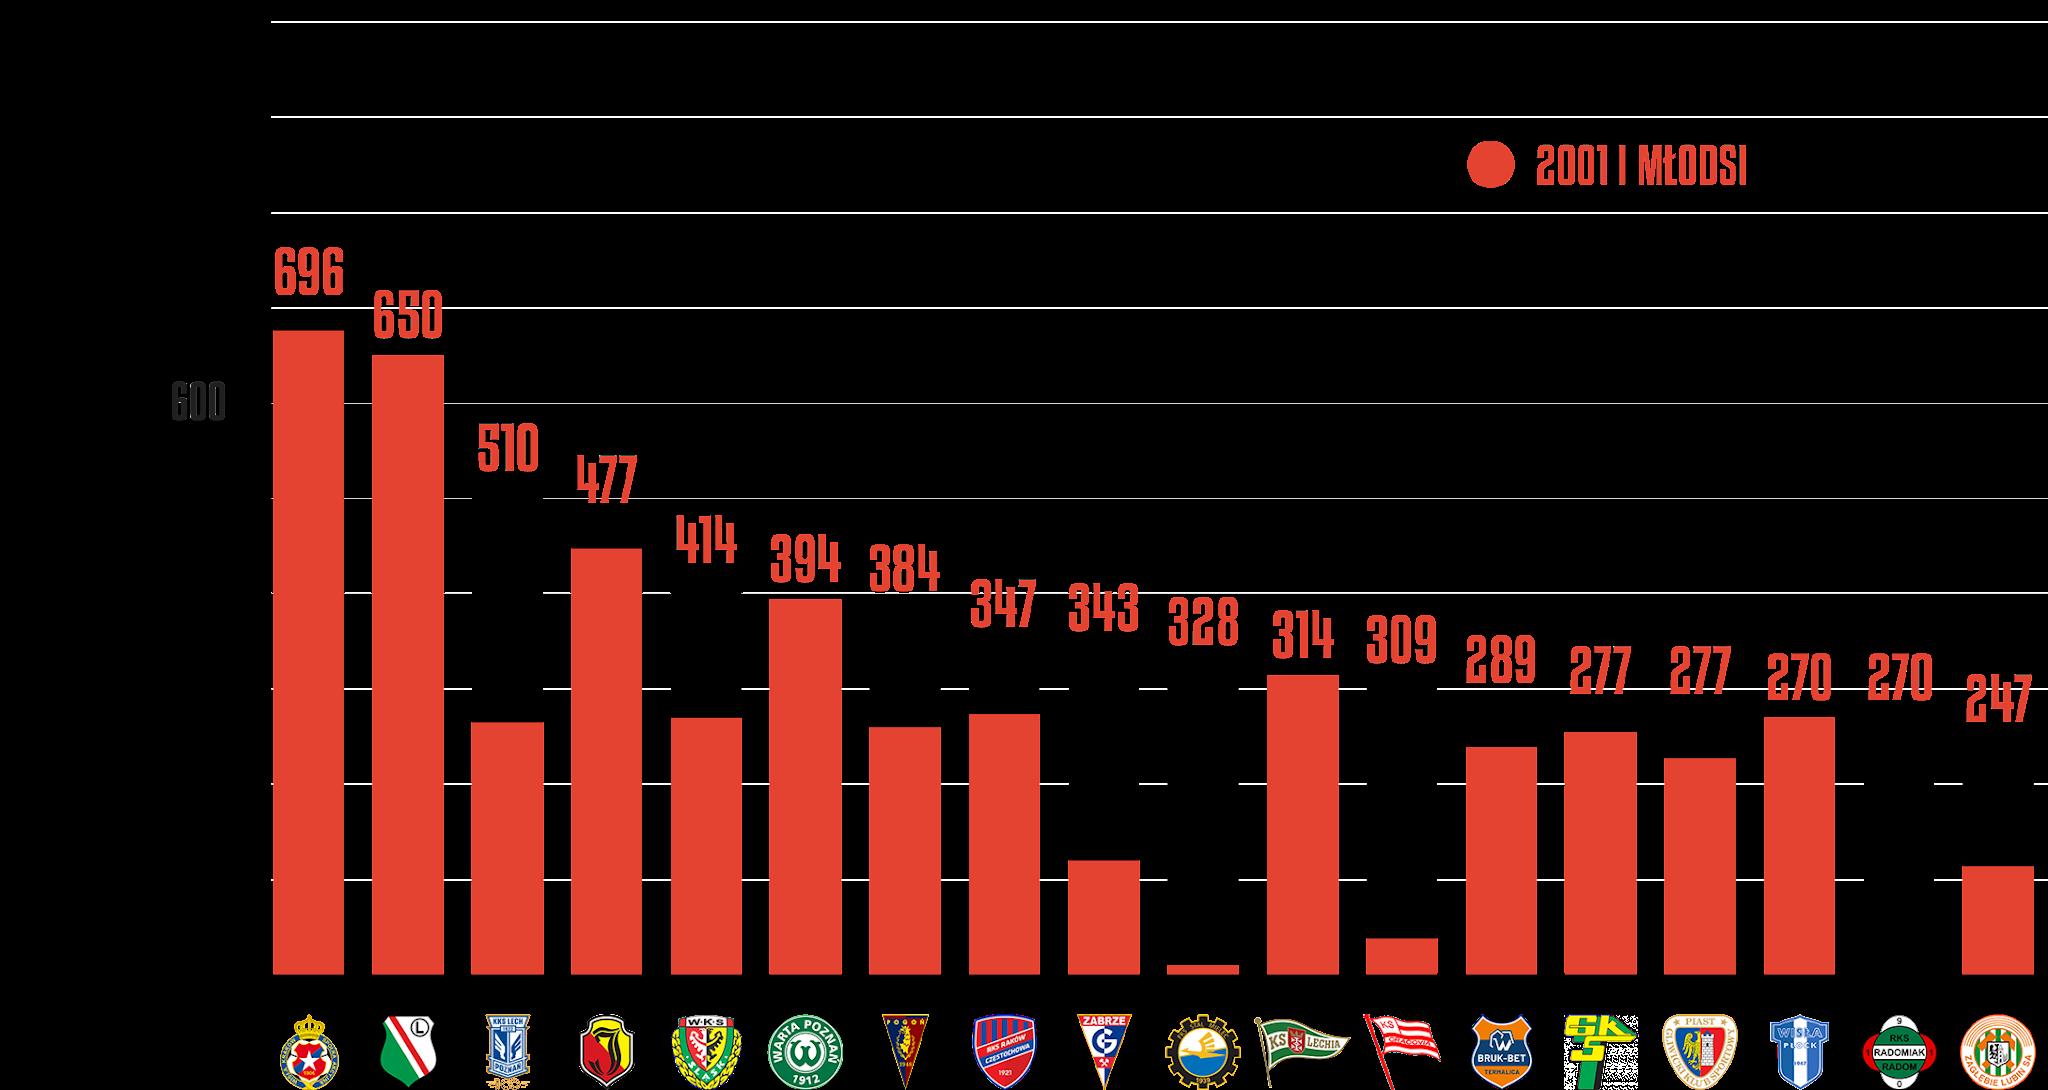 Klasyfikacja klubów pod względem rozegranego czasu przez młodzieżowców po 3.kolejce PKO Ekstraklasy<br><br>Źródło: Opracowanie własne na podstawie ekstrastats.pl<br><br>graf. Bartosz Urban